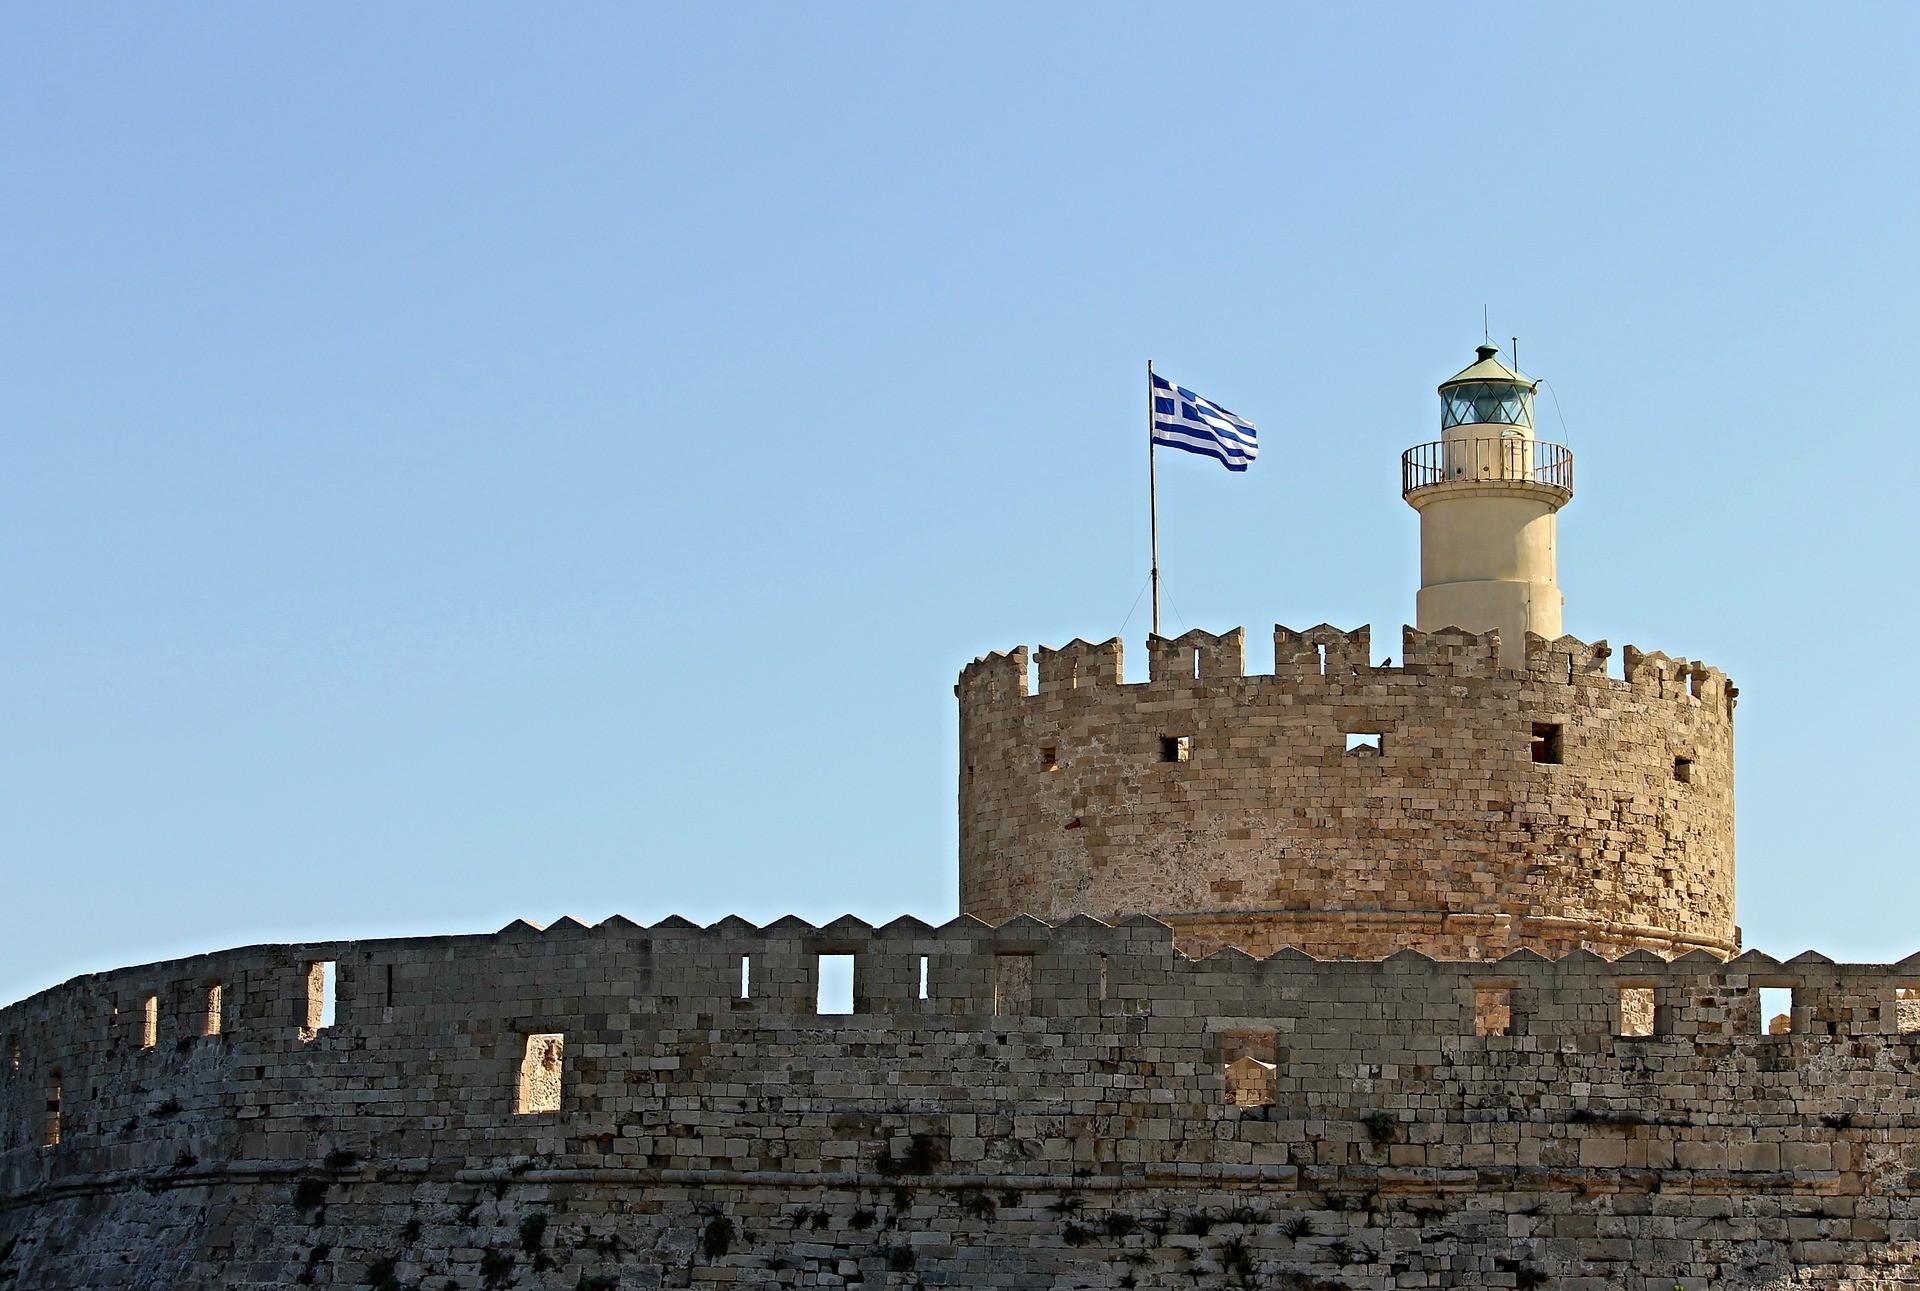 agios-nikolaos-castle-2878492_1920